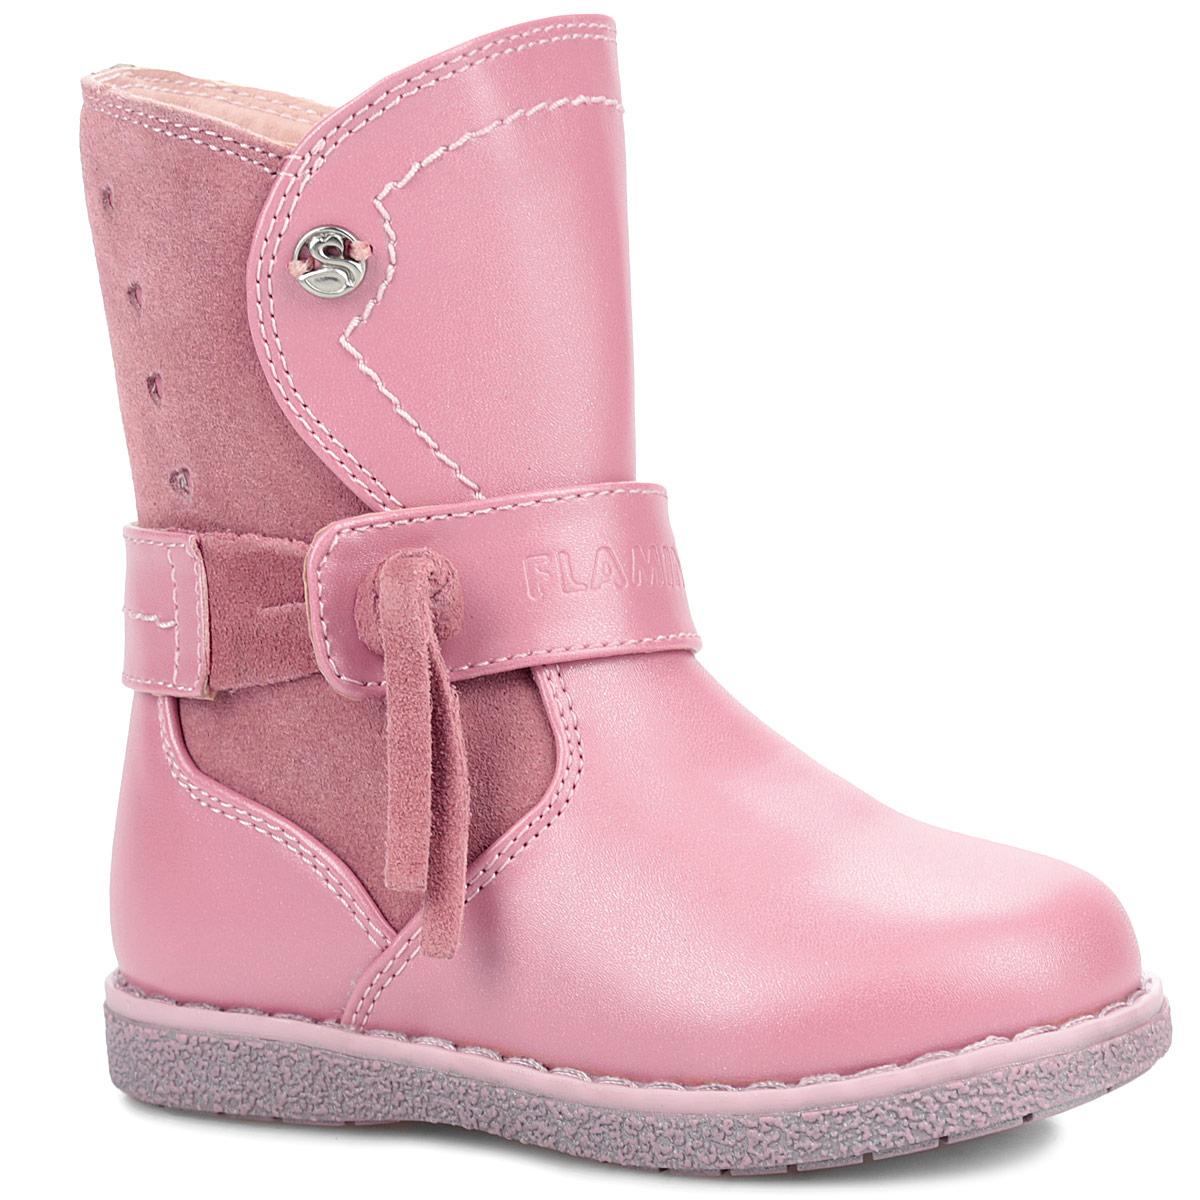 Сапоги для девочки. XC4868XC4868Прелестные сапожки от Flamingo придутся по душе вашей дочурке! Модель изготовлена из натуральной кожи со вставками из искусственной замши. Верх изделия оформлен декоративным элементом в виде логотипа бренда, подошва - рельефным рисунком, рант - крупной прострочкой, голенище - перфорацией в виде сердечек. Подъем опоясывает декоративный ремешок с кисточкой из искусственной замши. Сапоги застегиваются на удобную застежку-молнию, расположенную на одной из боковых сторон. Подкладка и стелька, исполненные из шерстяной байки, согреют ножки в холодную погоду. Подошва с рифлением в виде оригинального рисунка гарантирует идеальное сцепление с любой поверхностью. Стильные сапоги займут достойное место в гардеробе вашего ребенка.